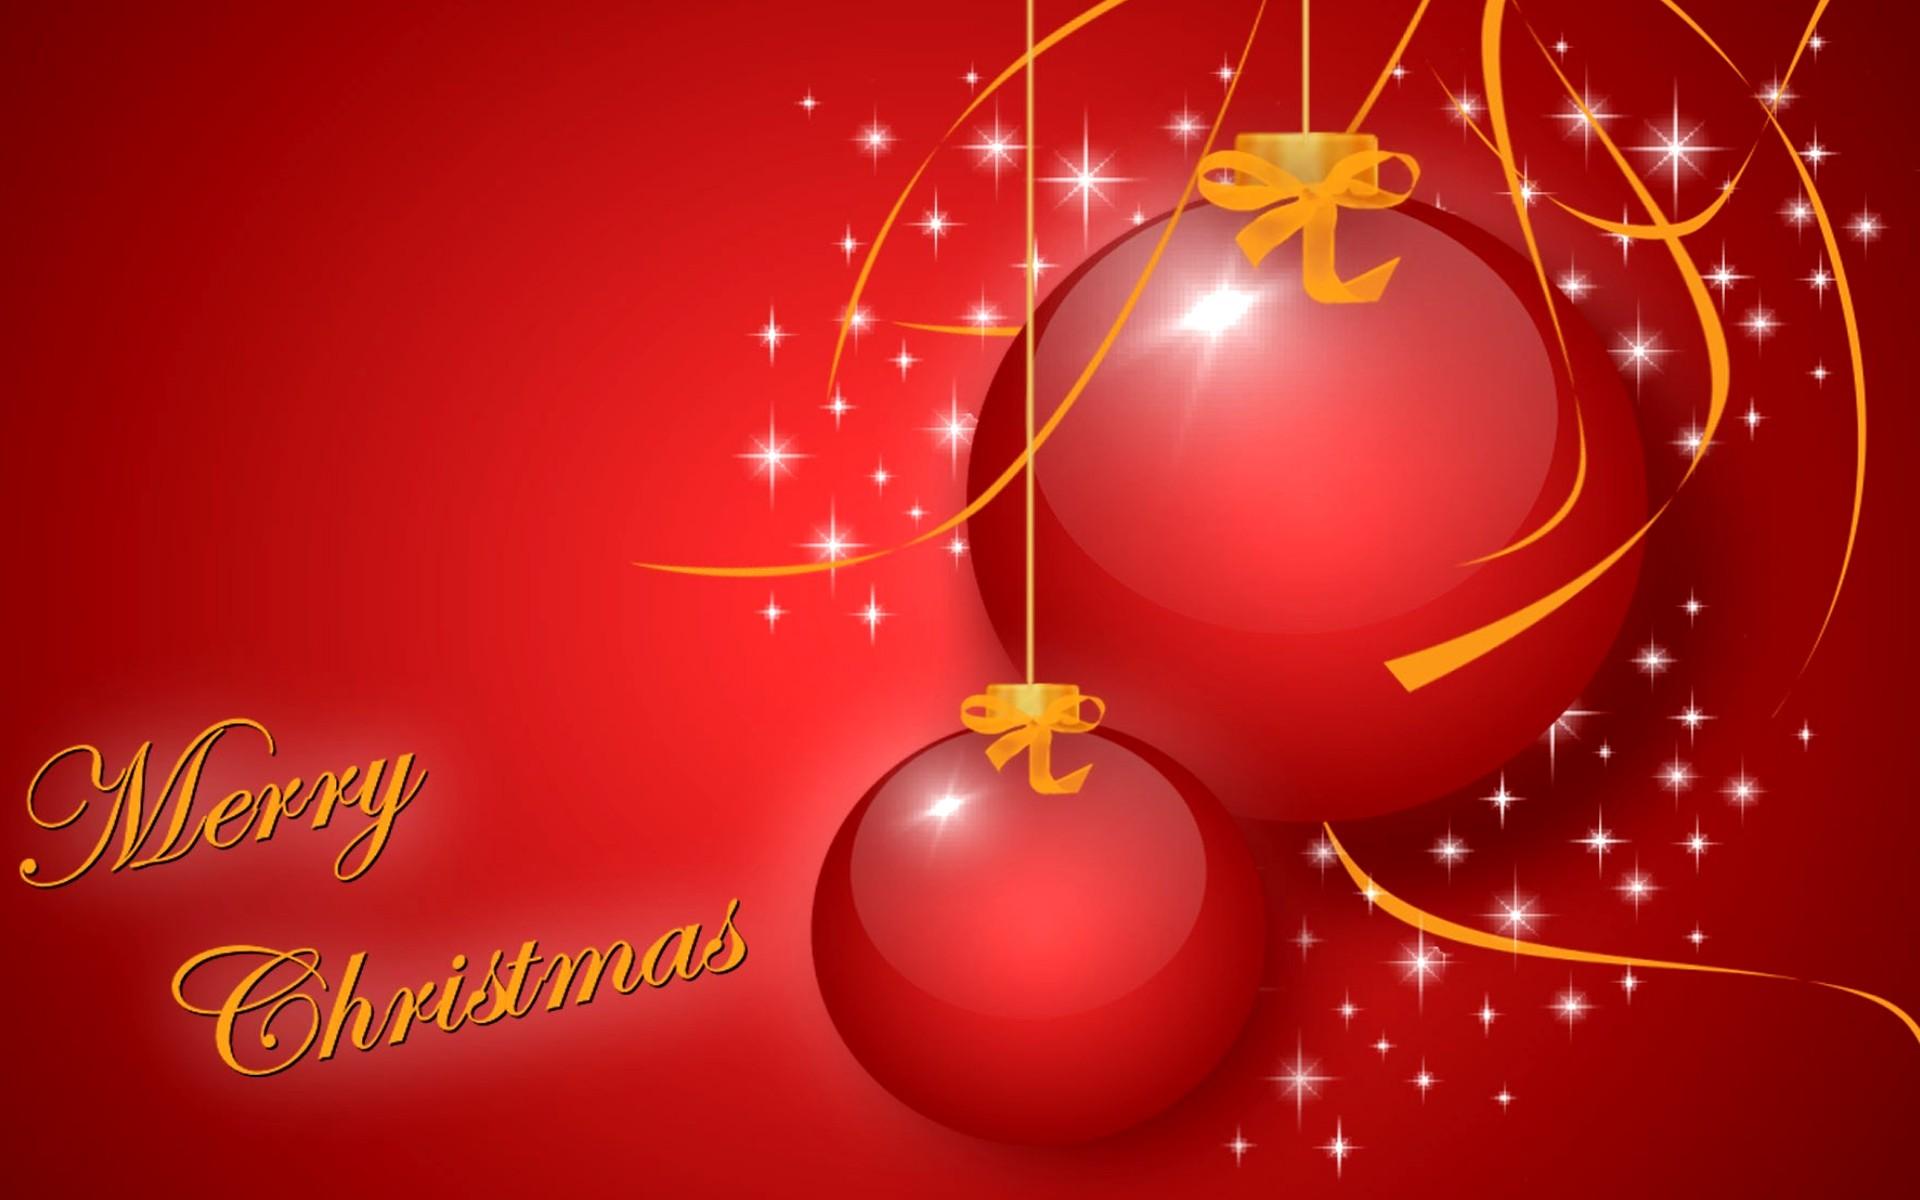 Merry Christmas - C Рождеством Христовым поздравительные картинки